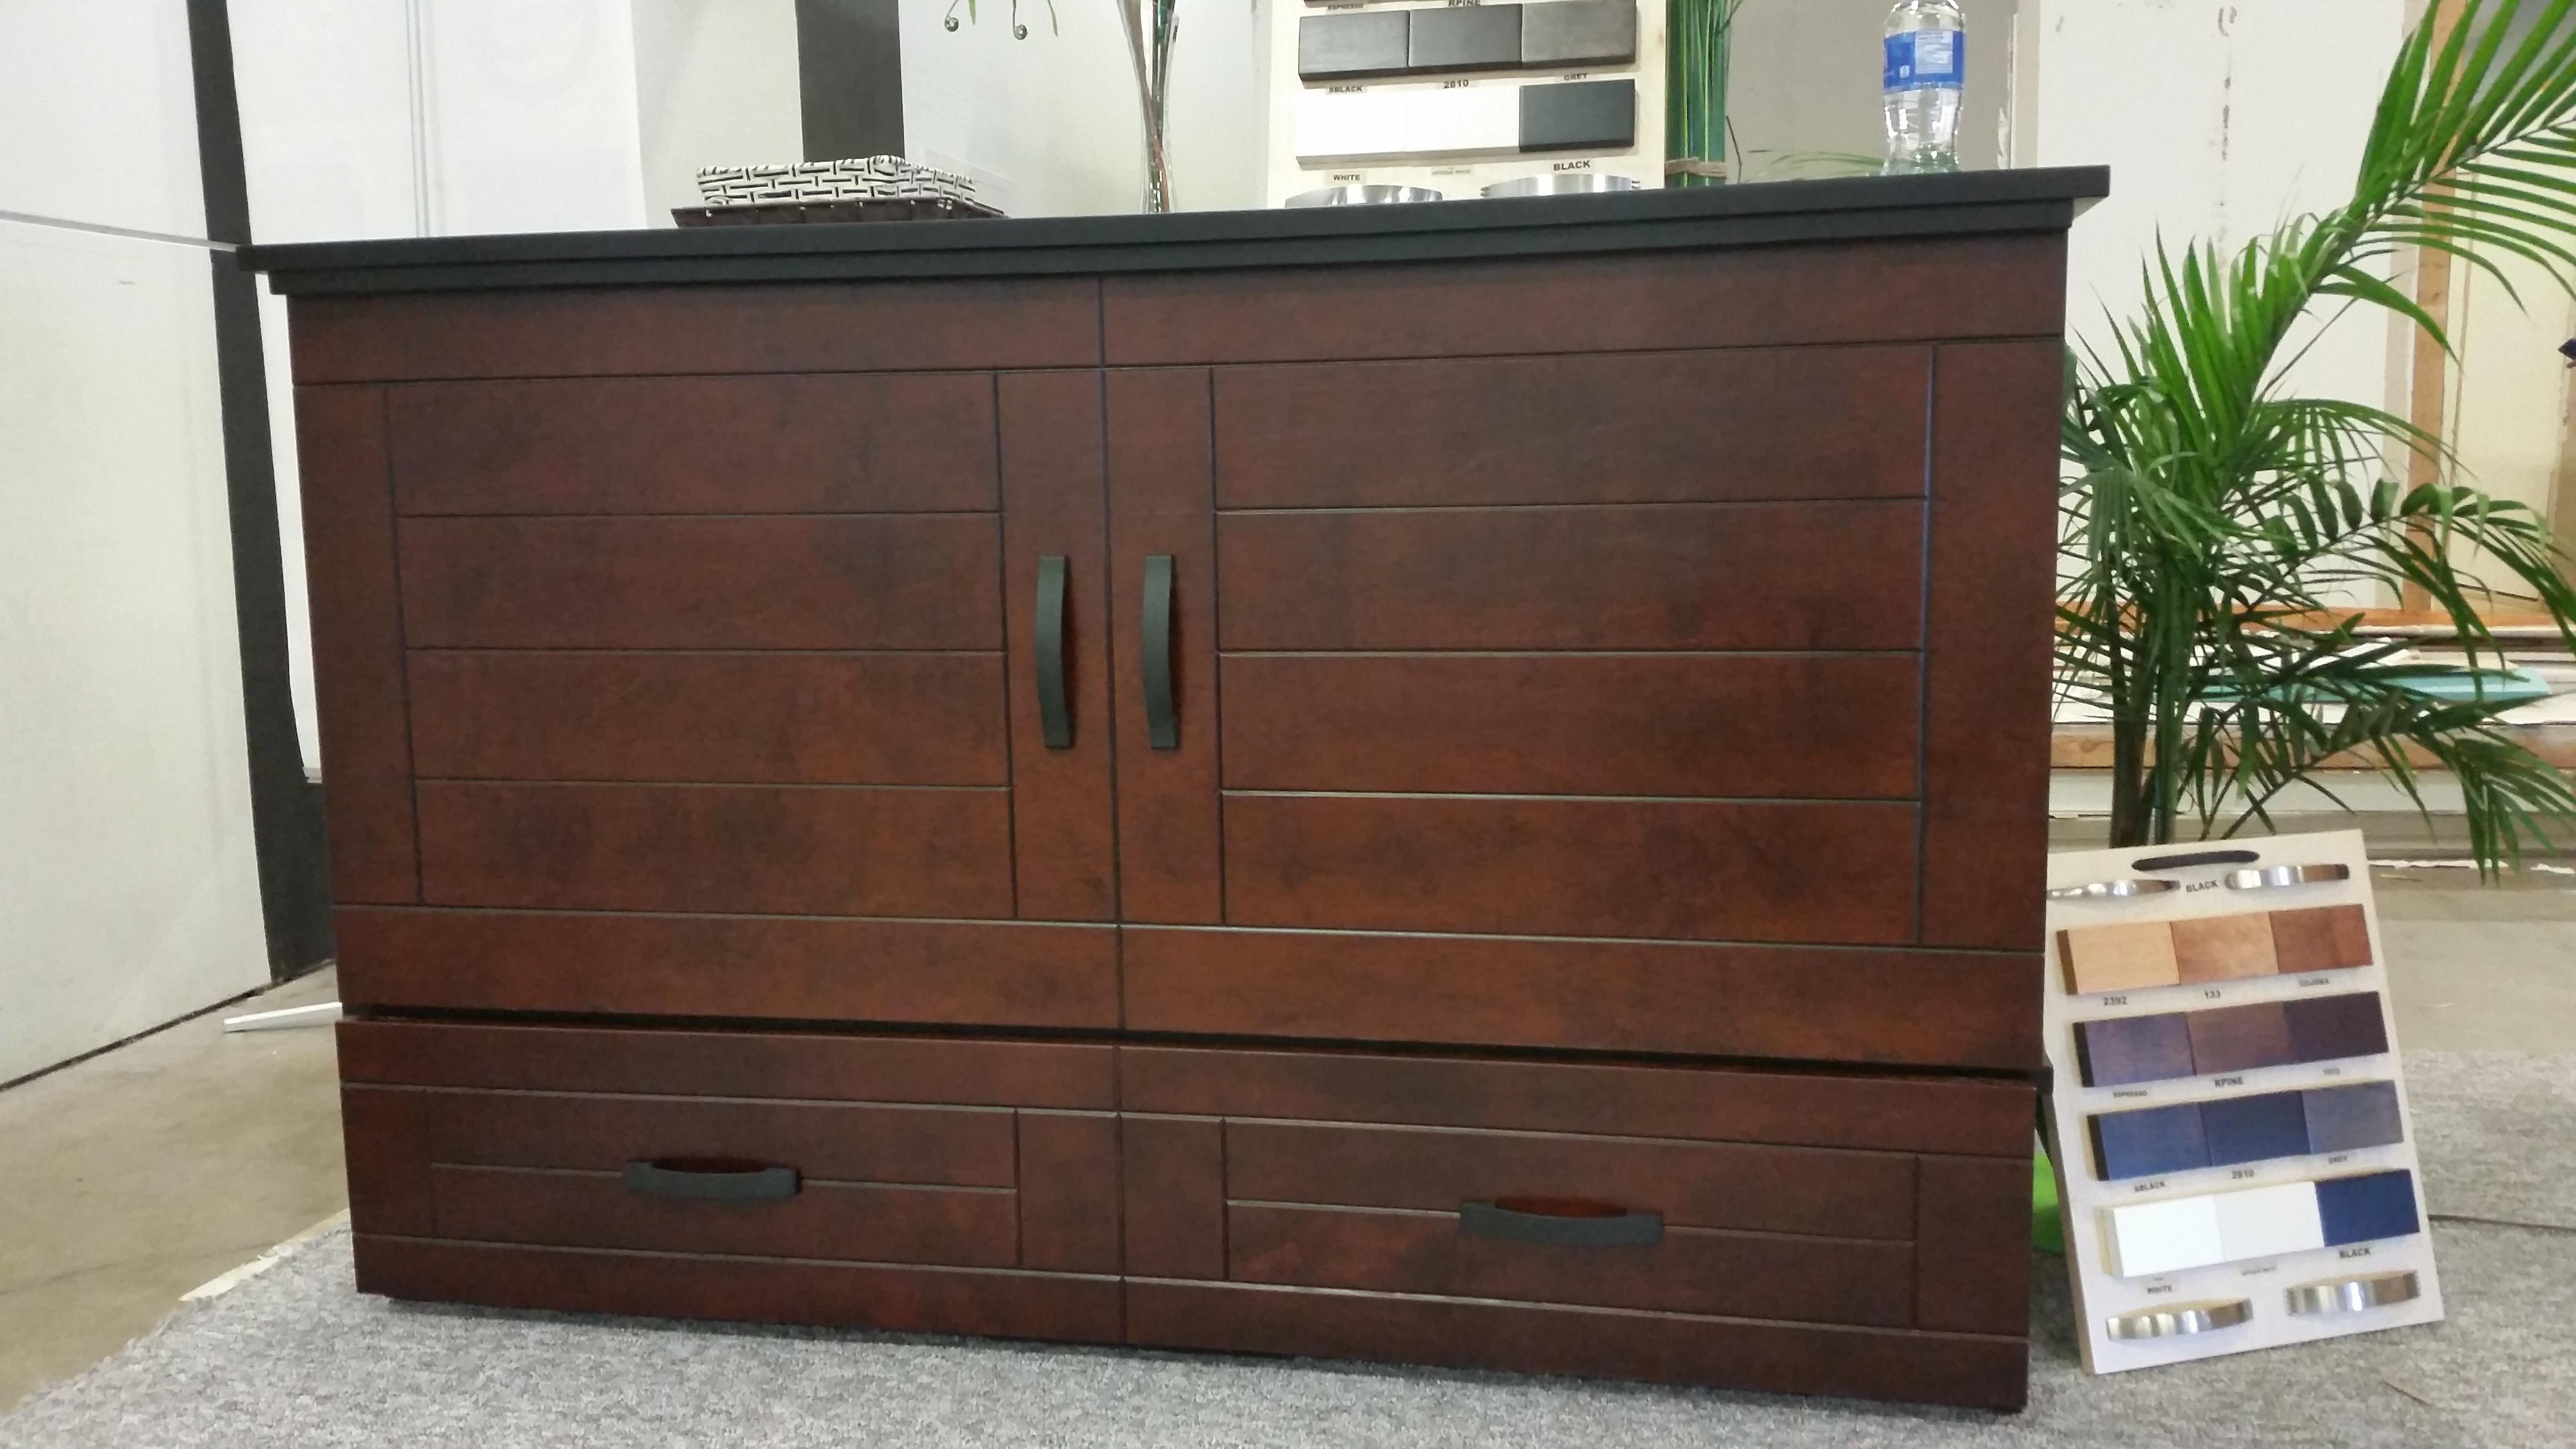 Cabinet Bed Cabedza Wr Mattress Surrey Mattress Store